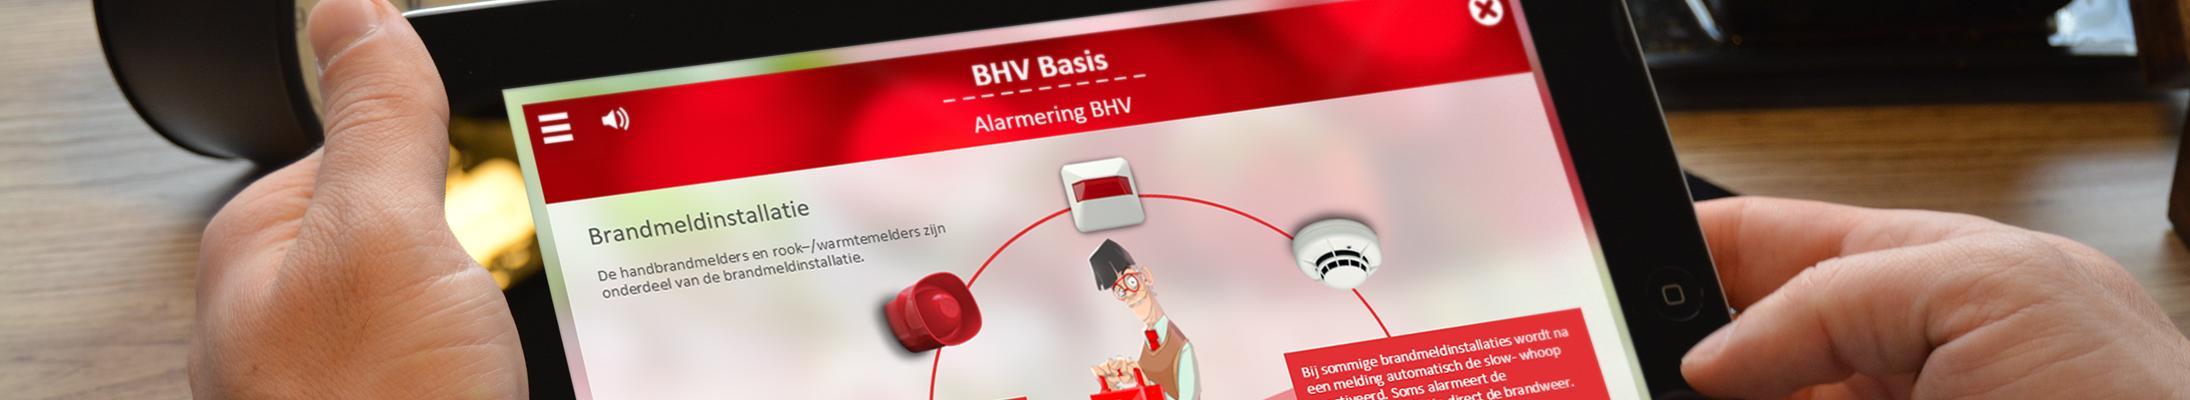 BHV cursus ipad